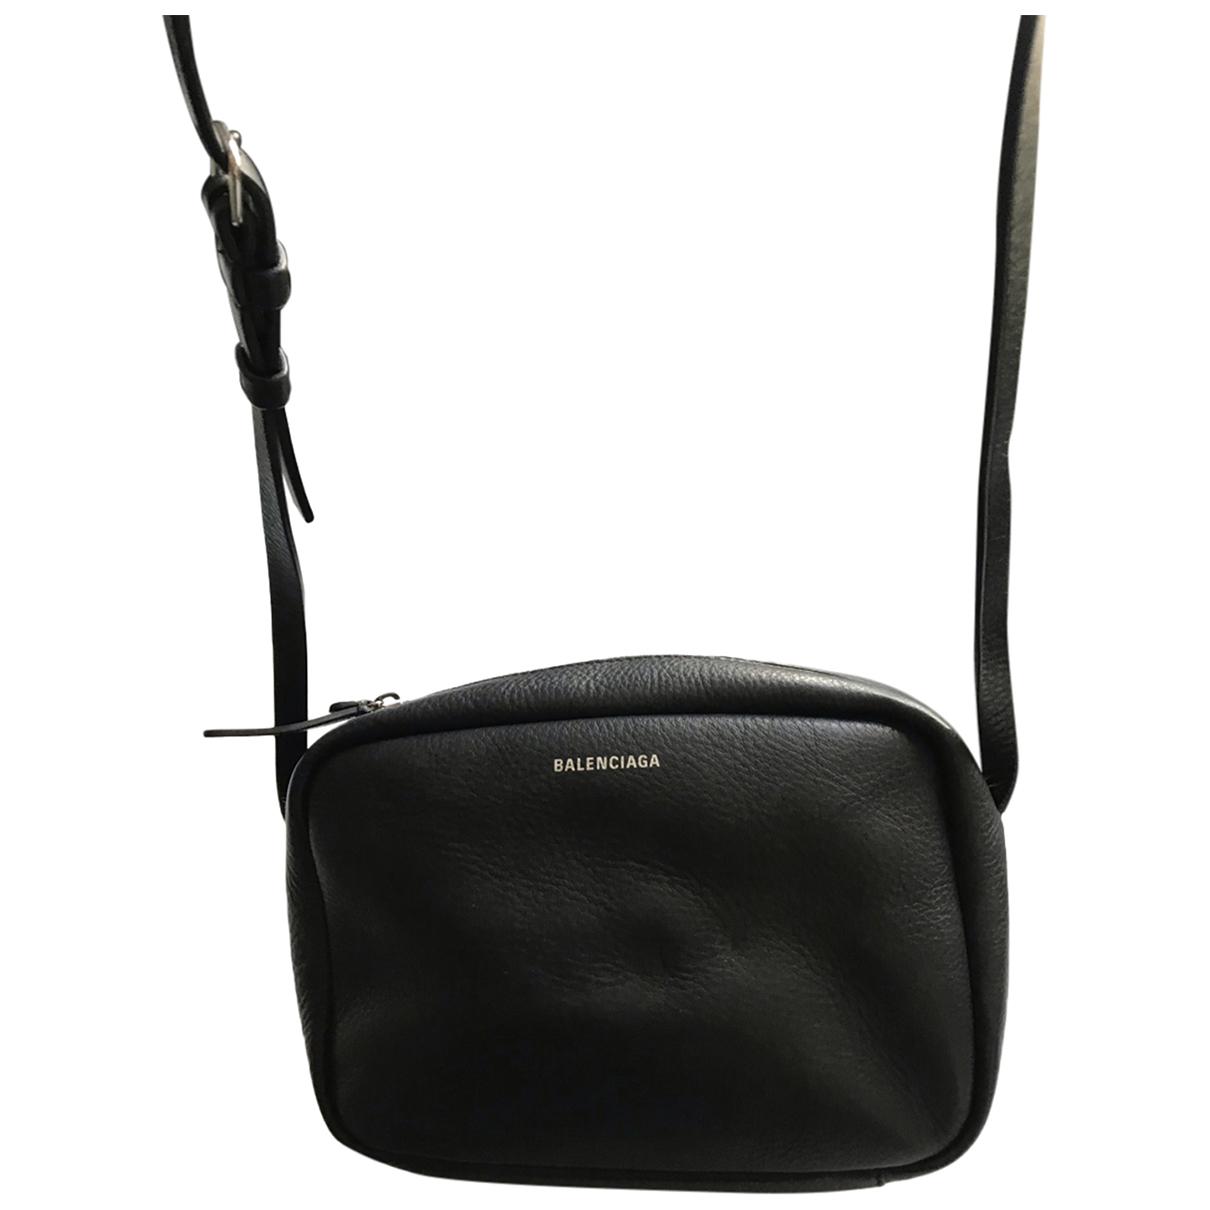 Balenciaga Camera Handtasche in  Schwarz Leder